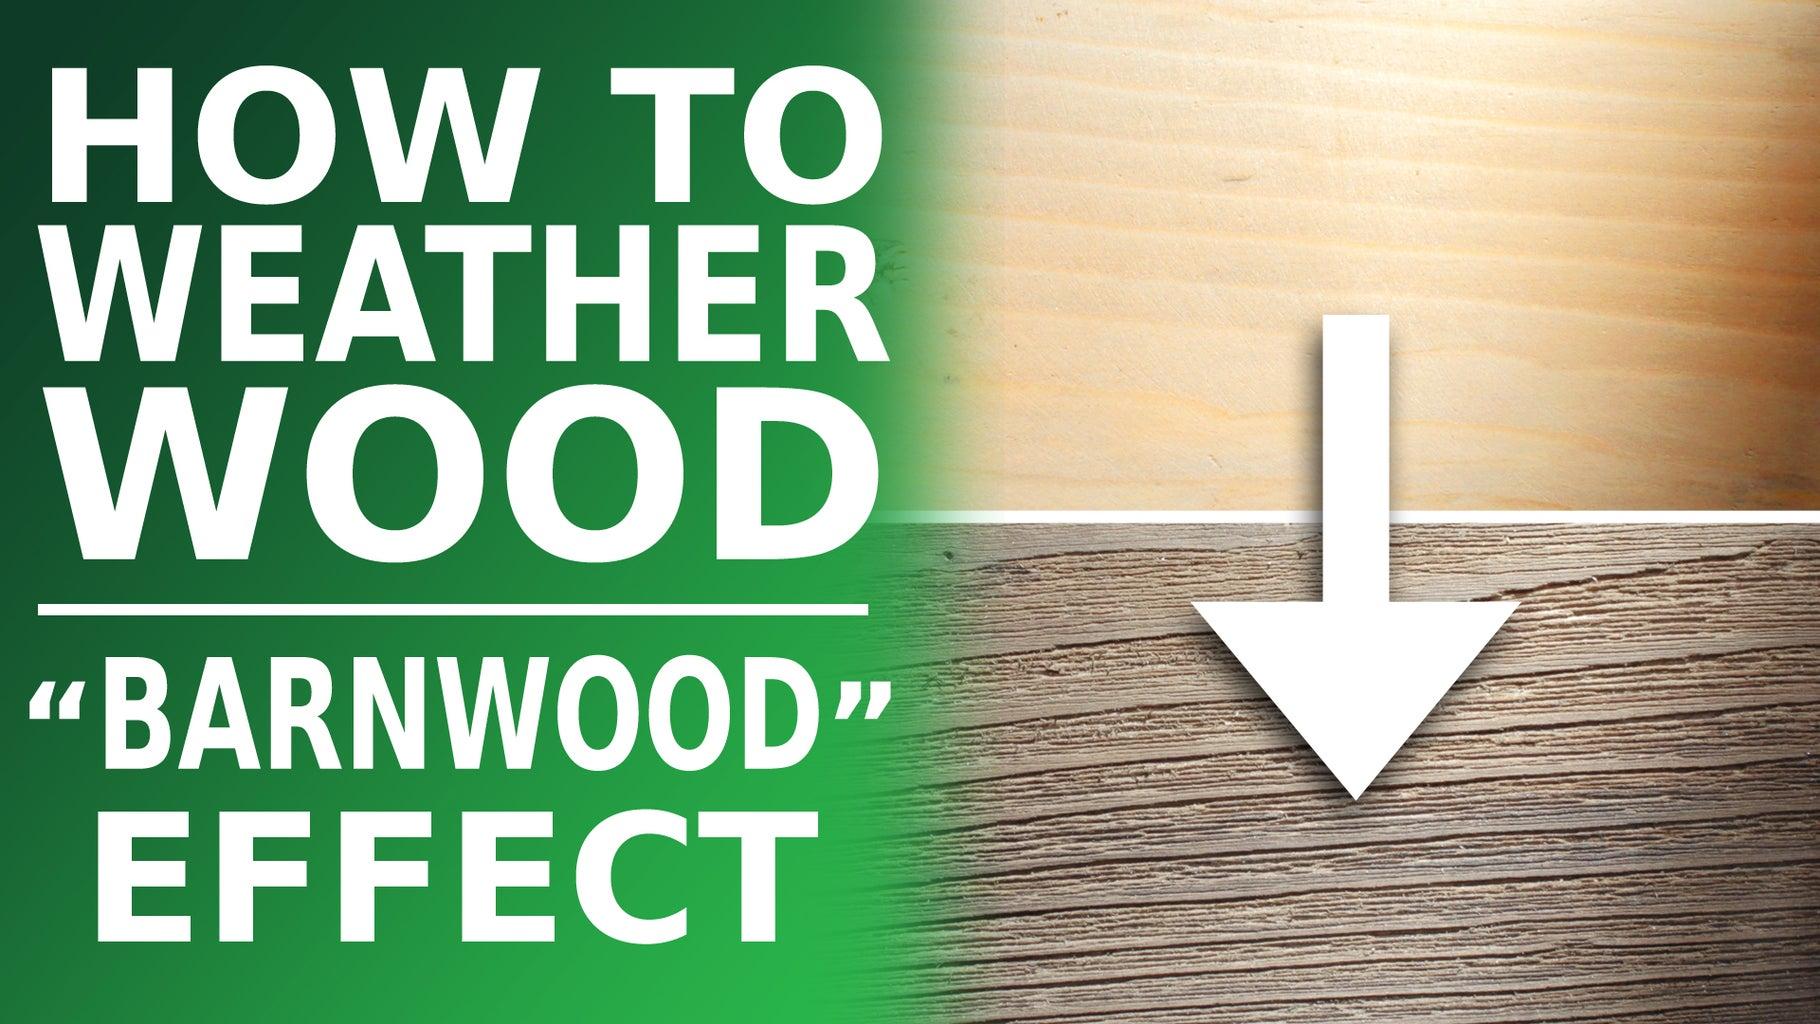 How to Weather Wood (Barnwood Effect)